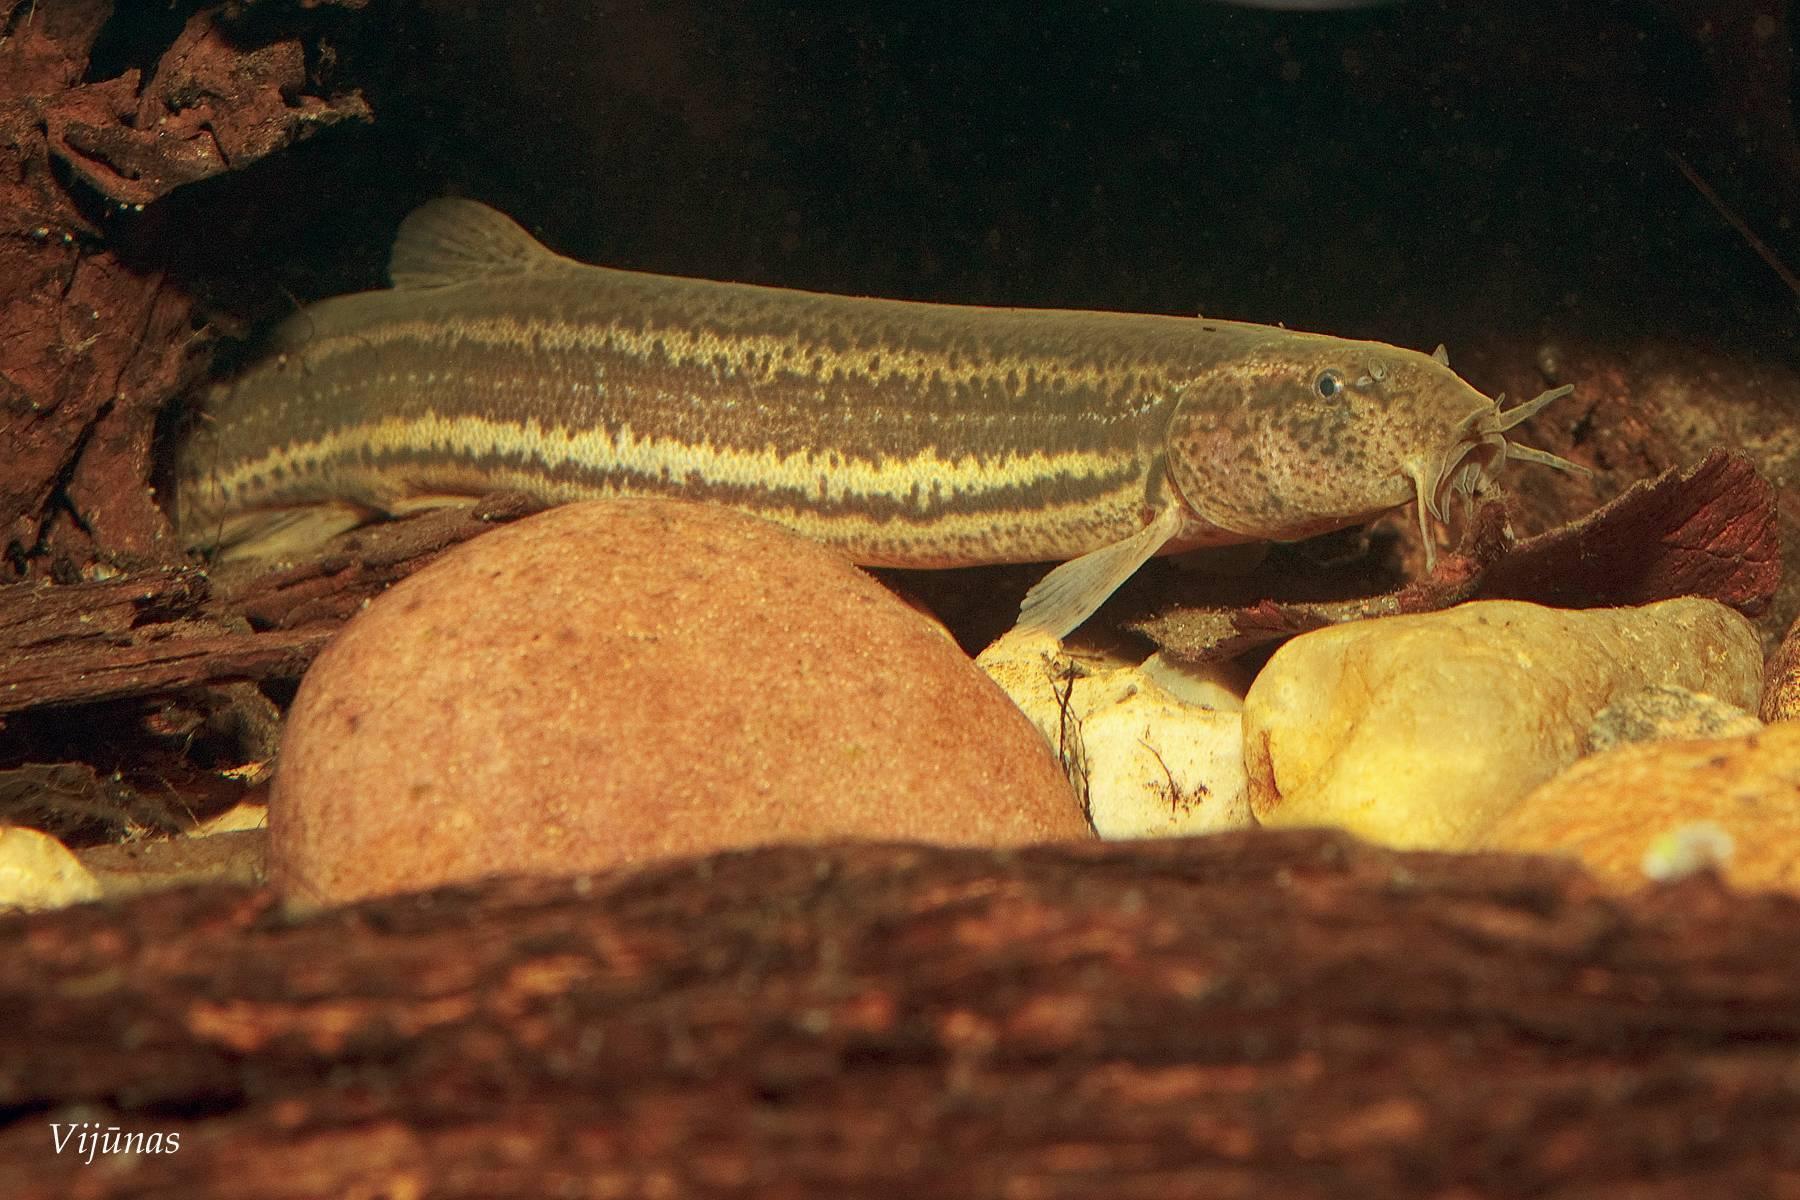 Рыба вьюн, ее фото и среда обитания, отличительные особенности рыбы и способы ловли вьюна